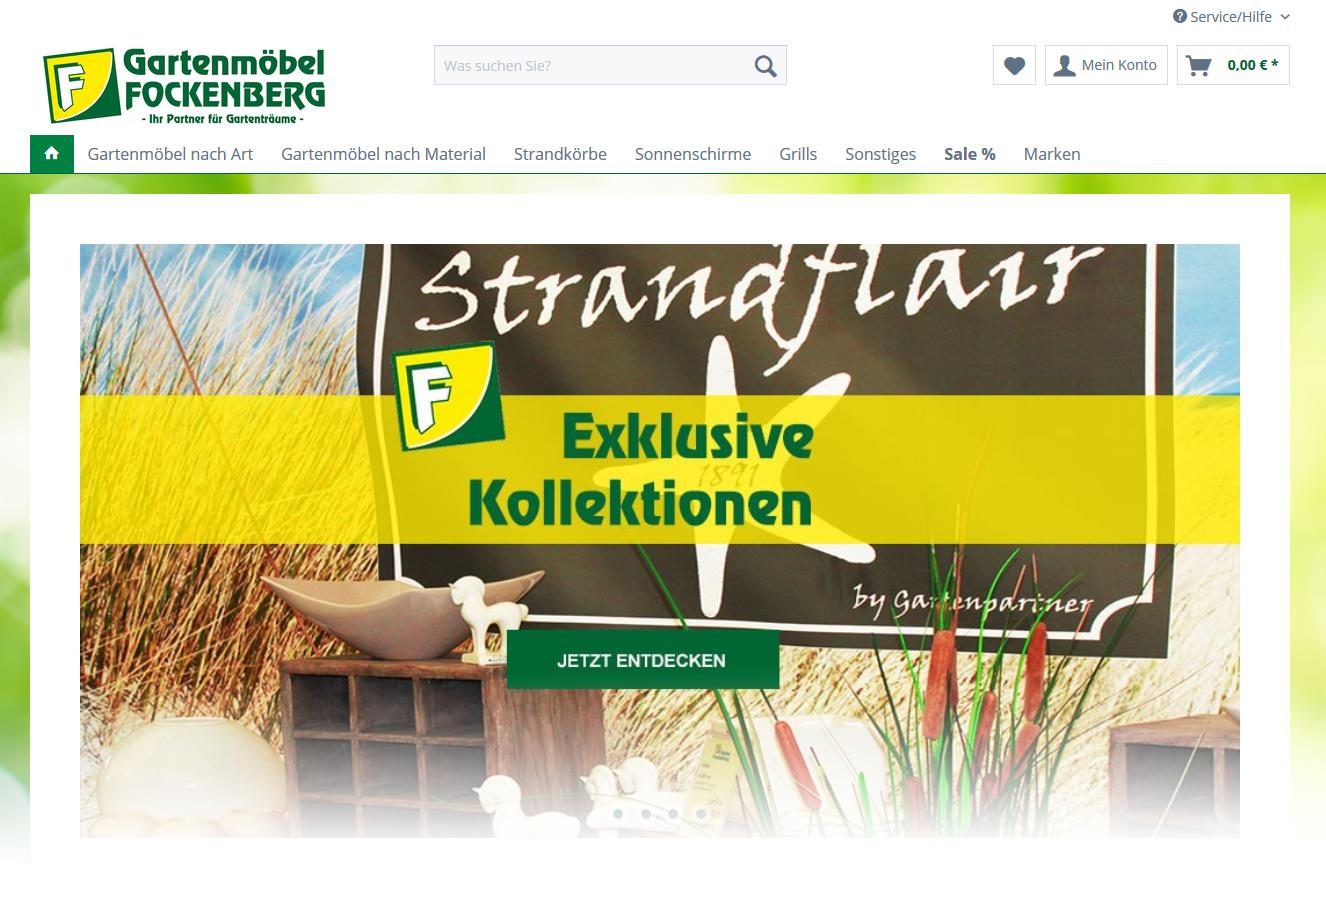 www.gartenmoebel-fockenberg.de